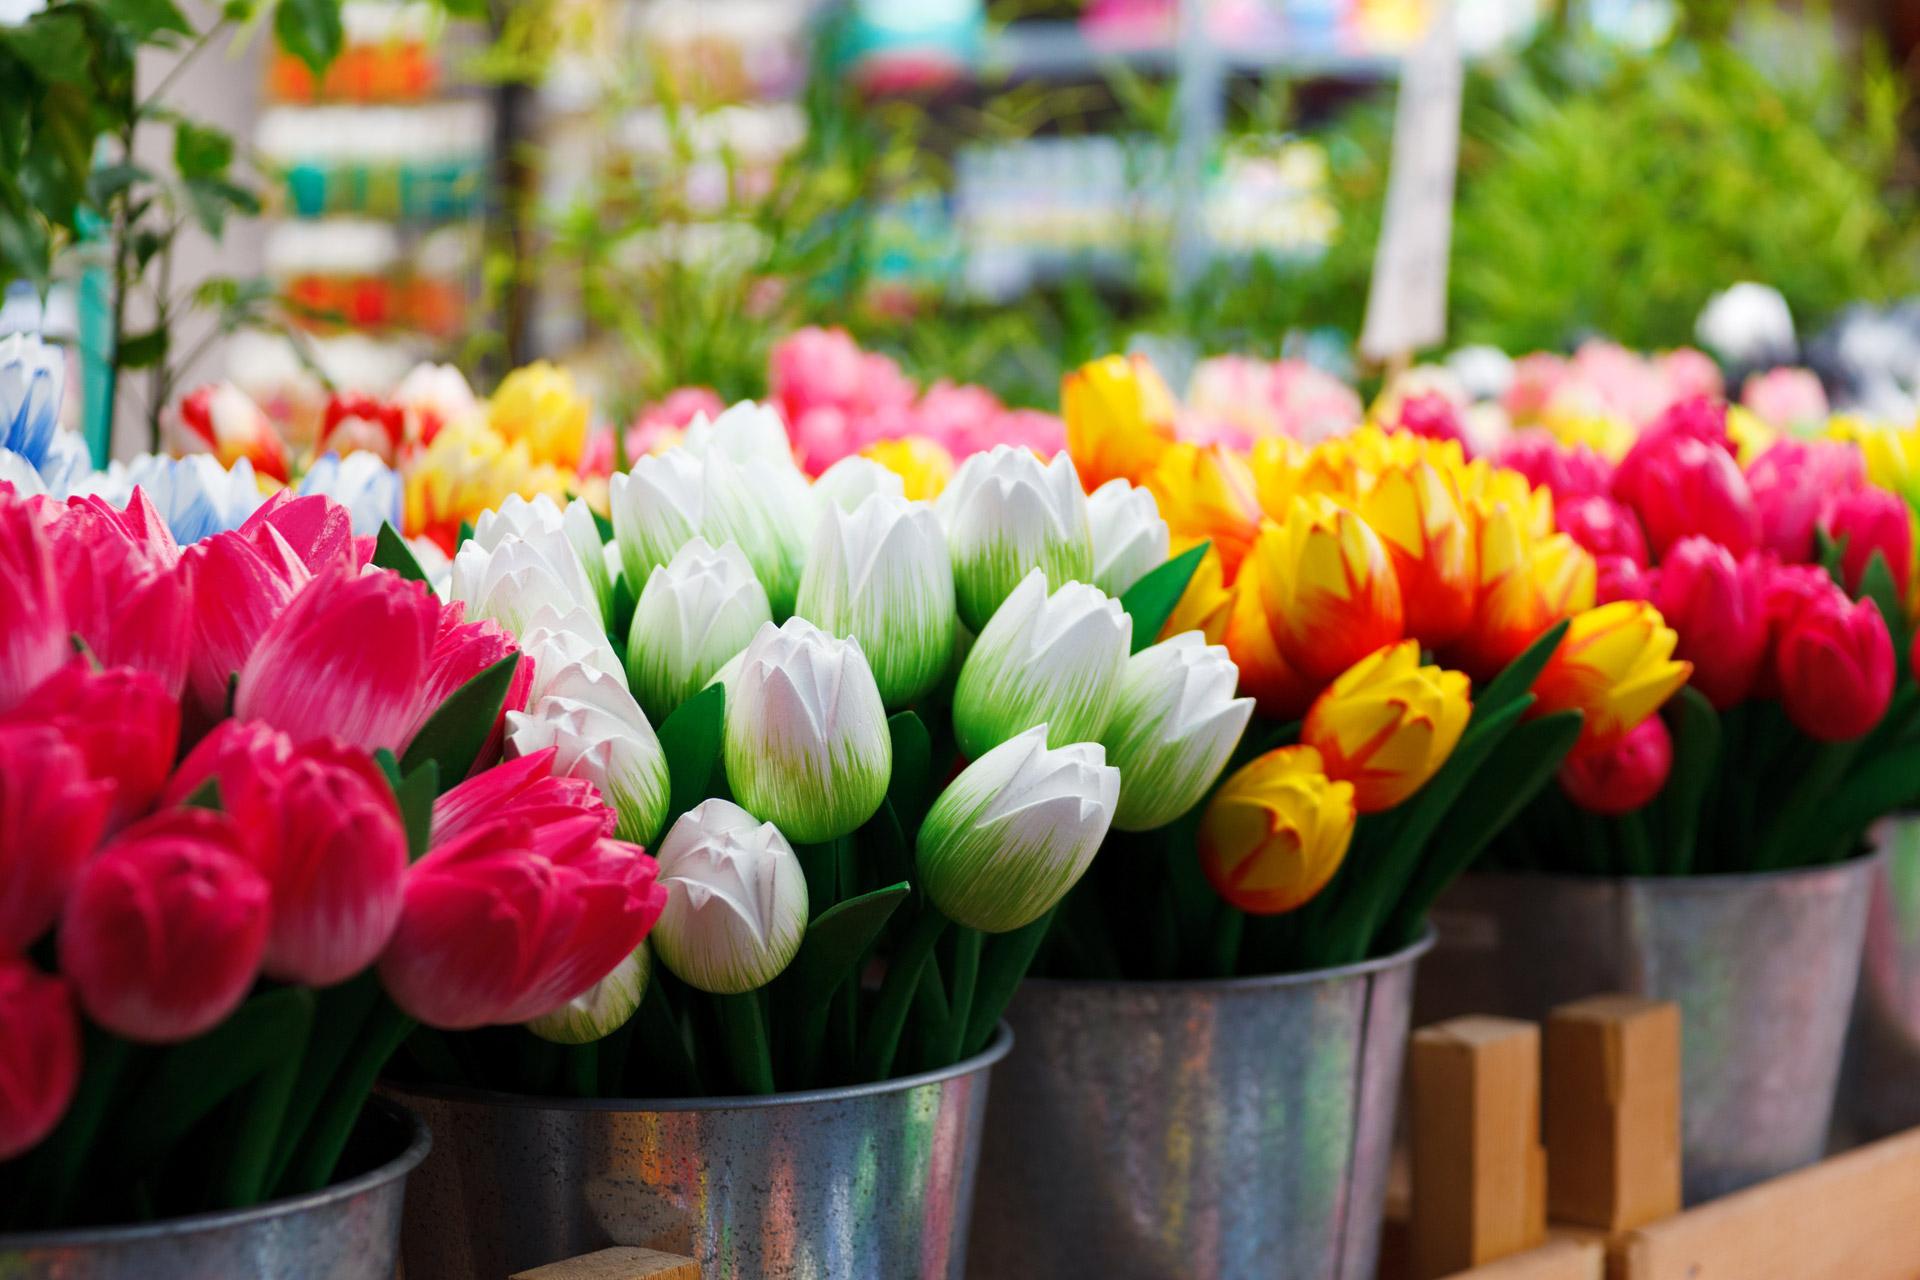 Piantare I Bulbi Di Tulipani come coltivare i tulipani in vaso: consigli e regole d'oro